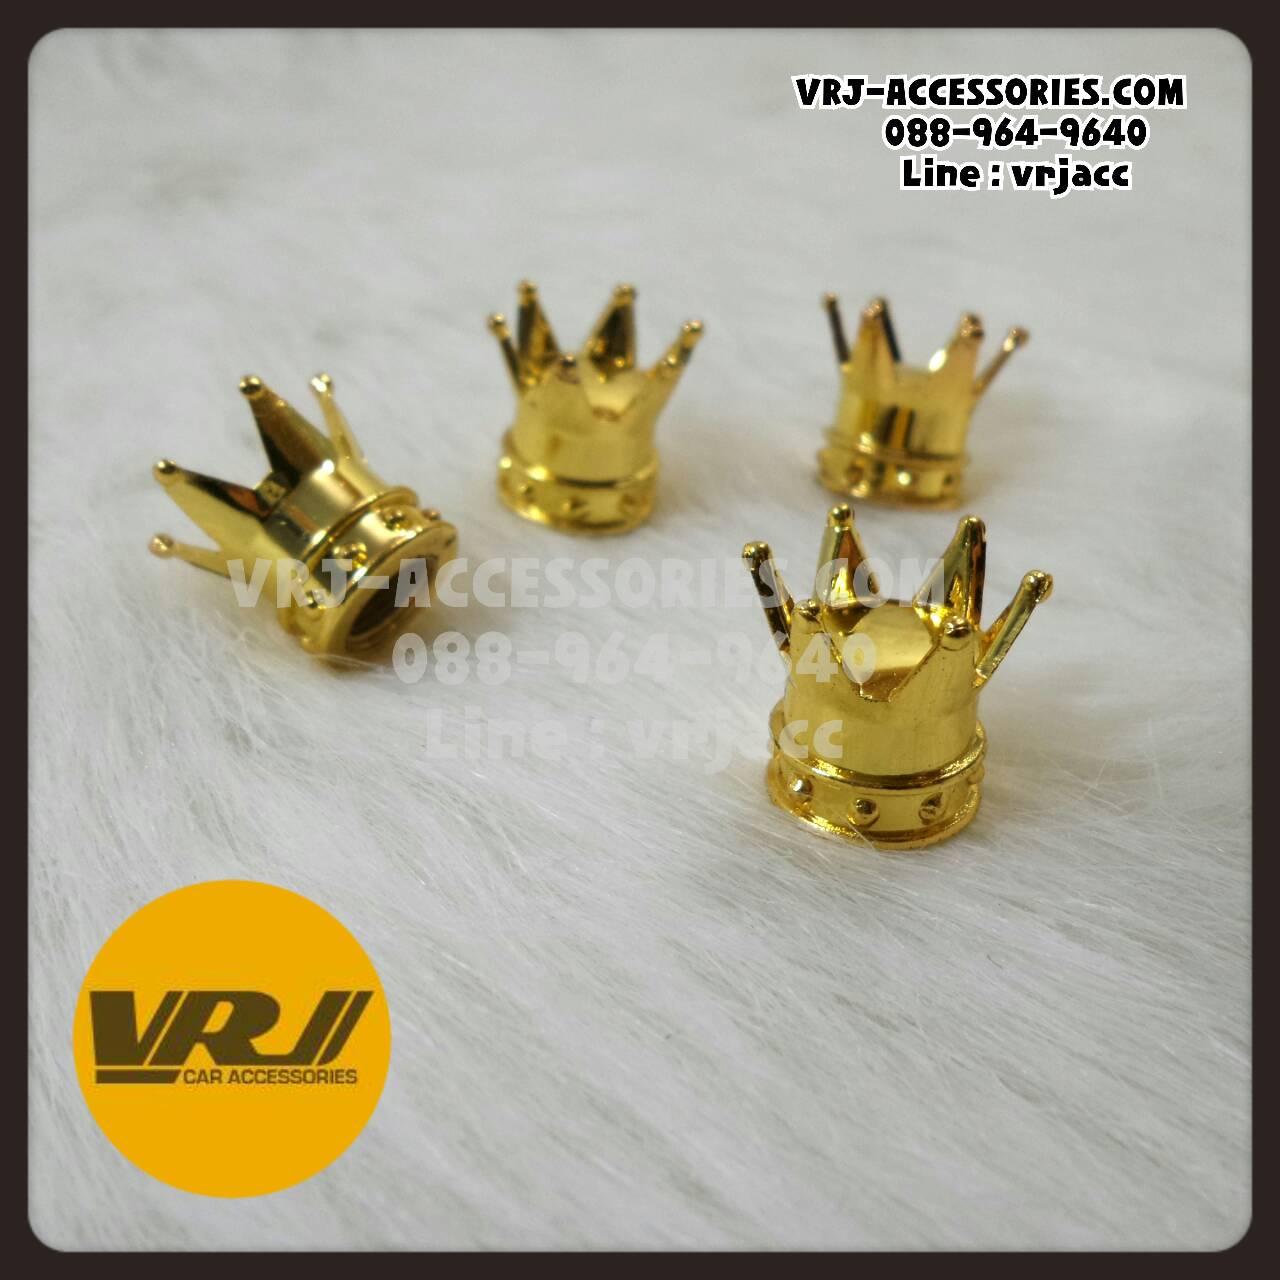 จุกลม มงกุฎ สีทอง : Car tire valve Stem caps – CROWN